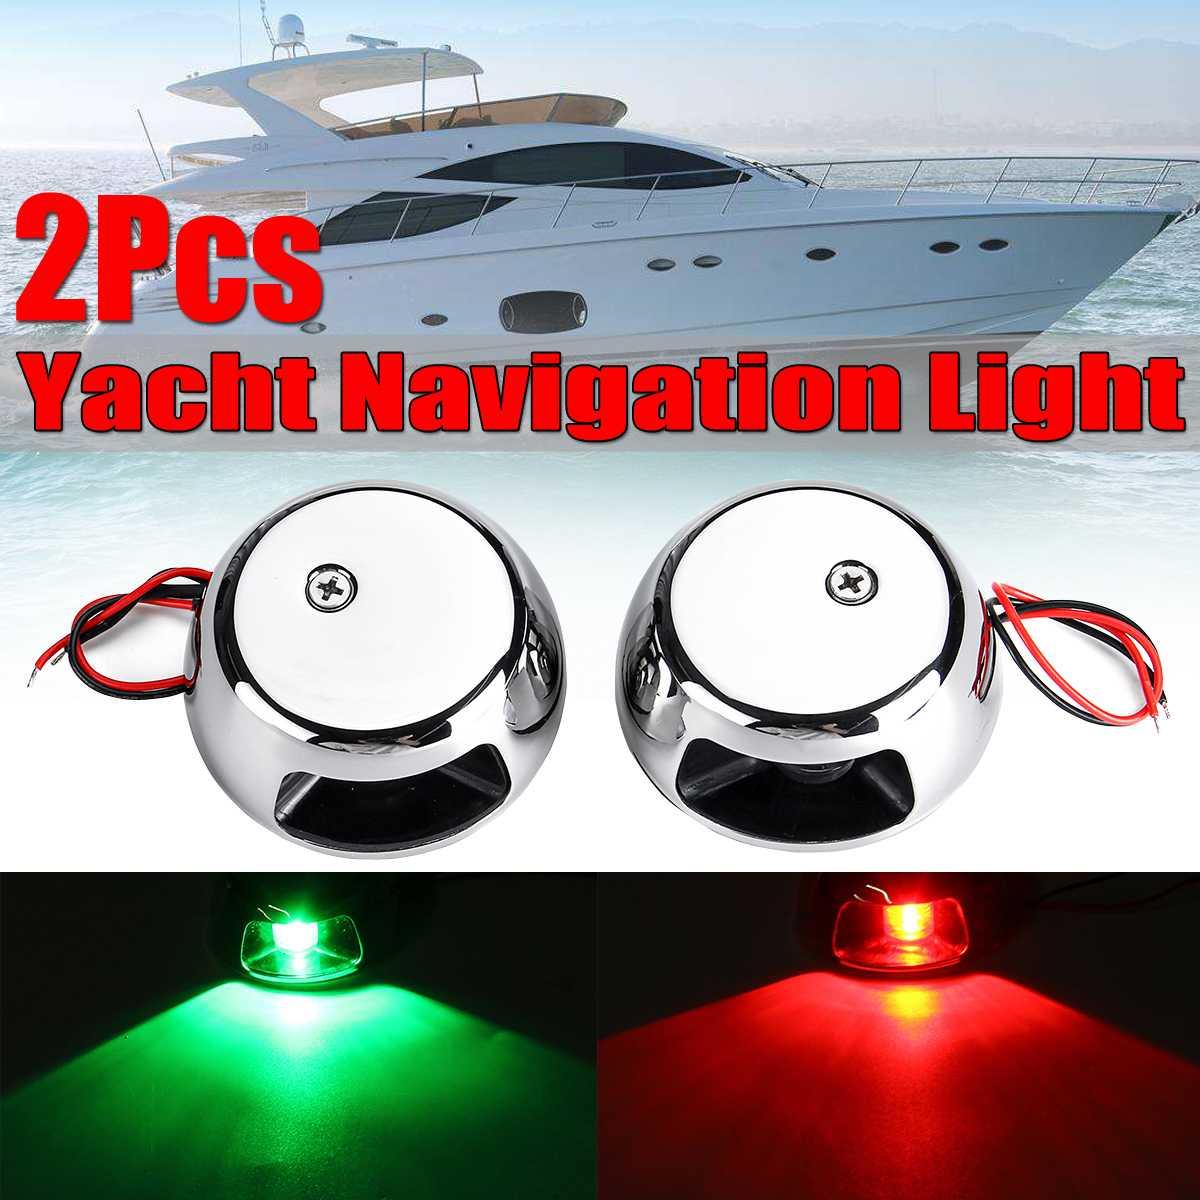 2pcs 12V LED Light LED Navigation Light Bulb E011006 For Marine Boat Yacht Starboard Stainless Steel Red Green Light 12V Boat